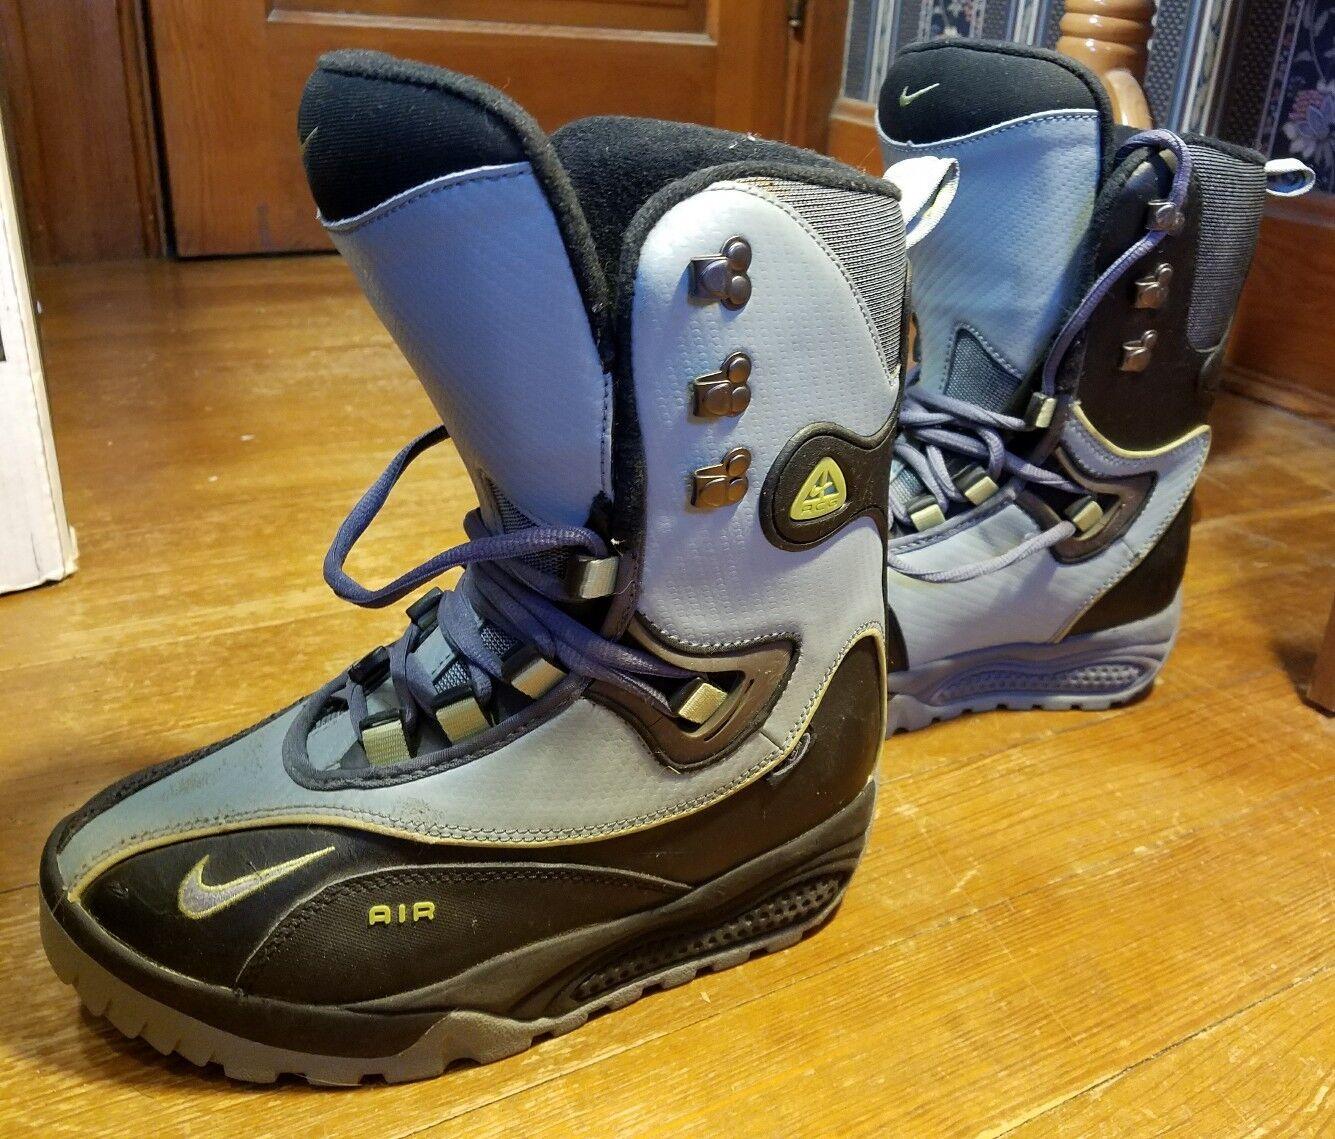 Nike air taglia maschile di snowboard stivali taglia air 9 nero  gray neve bordo euc 7e6919